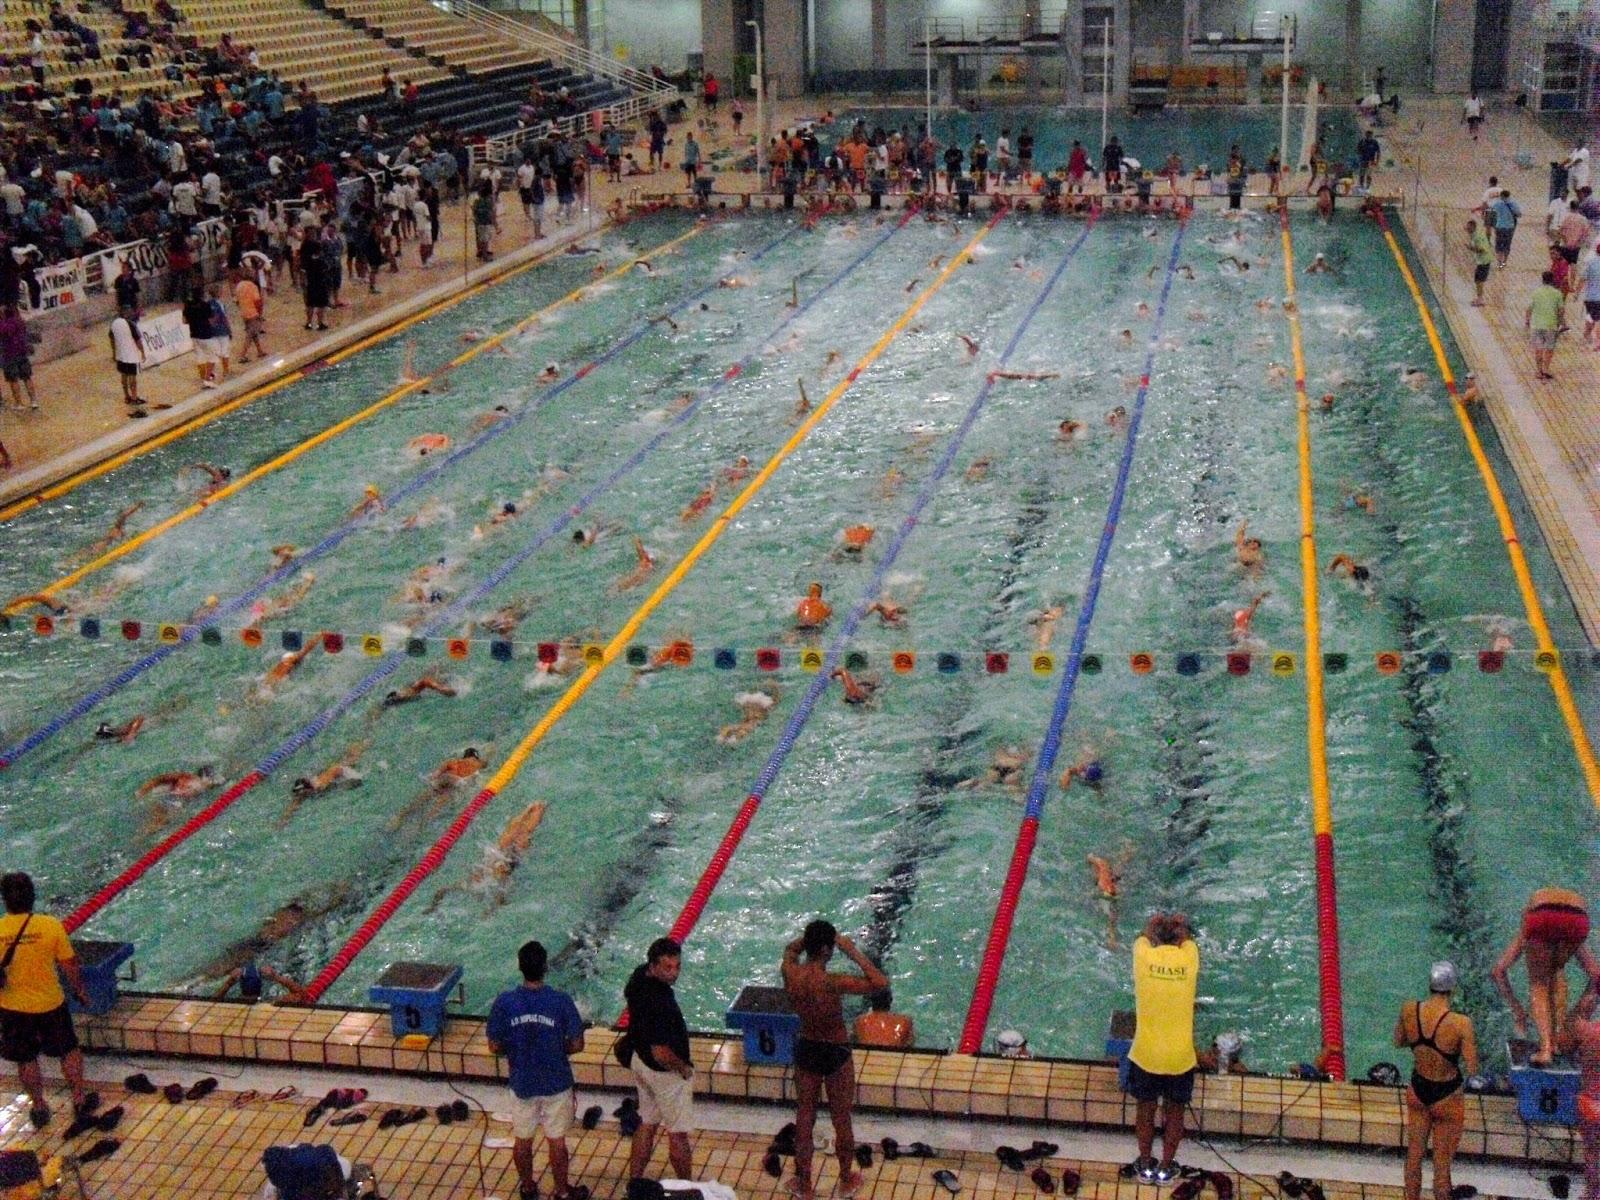 http://1.bp.blogspot.com/-uBXJebGej74/UelXsky4zuI/AAAAAAACDKY/yDdn5lNdX5A/s1600/athens+swimming+2010+005.JPG